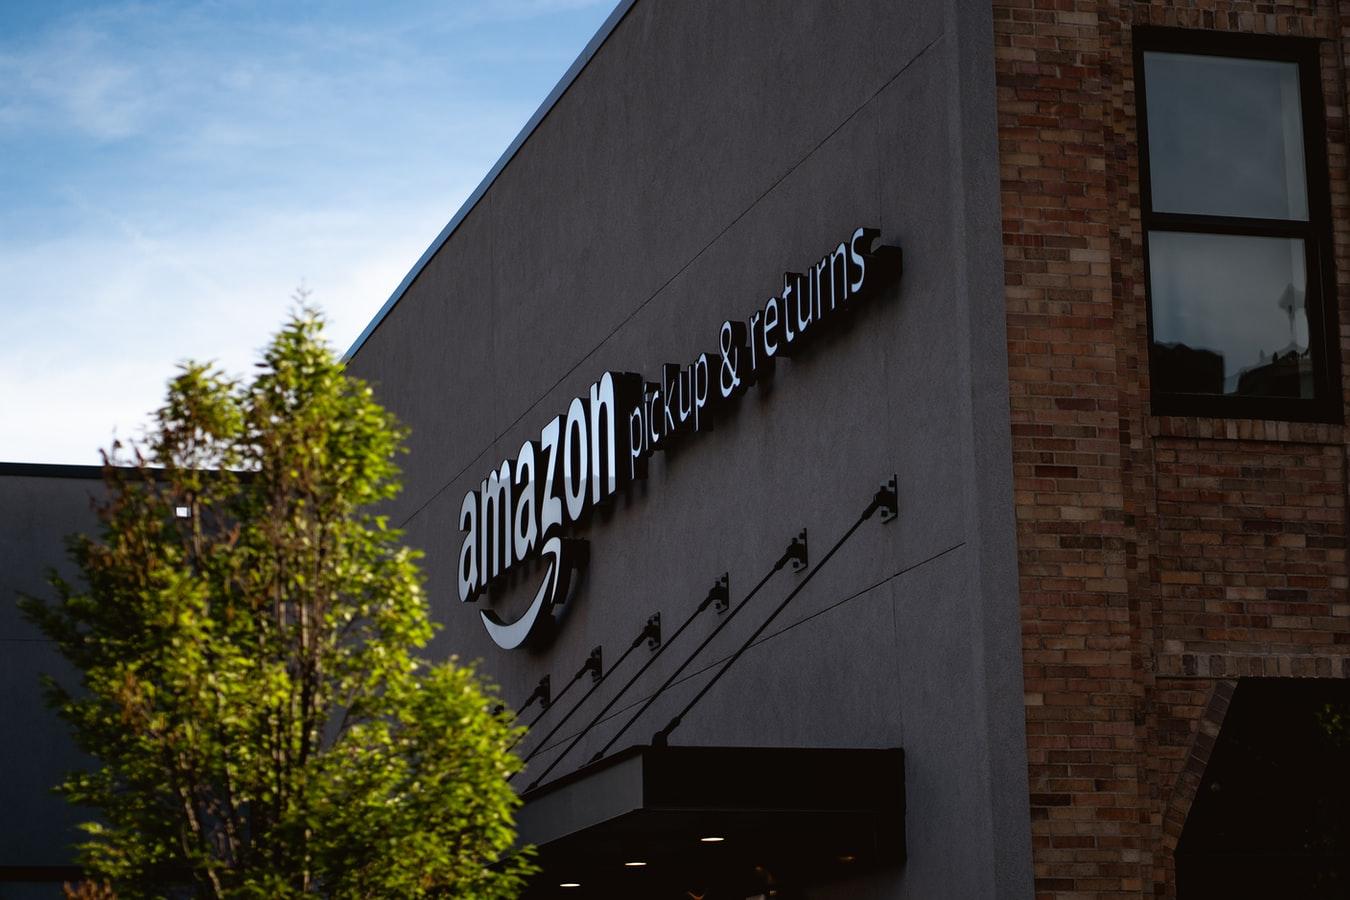 Amazon stawia na rozszerzoną rzeczywistość w czasach koronawirusa